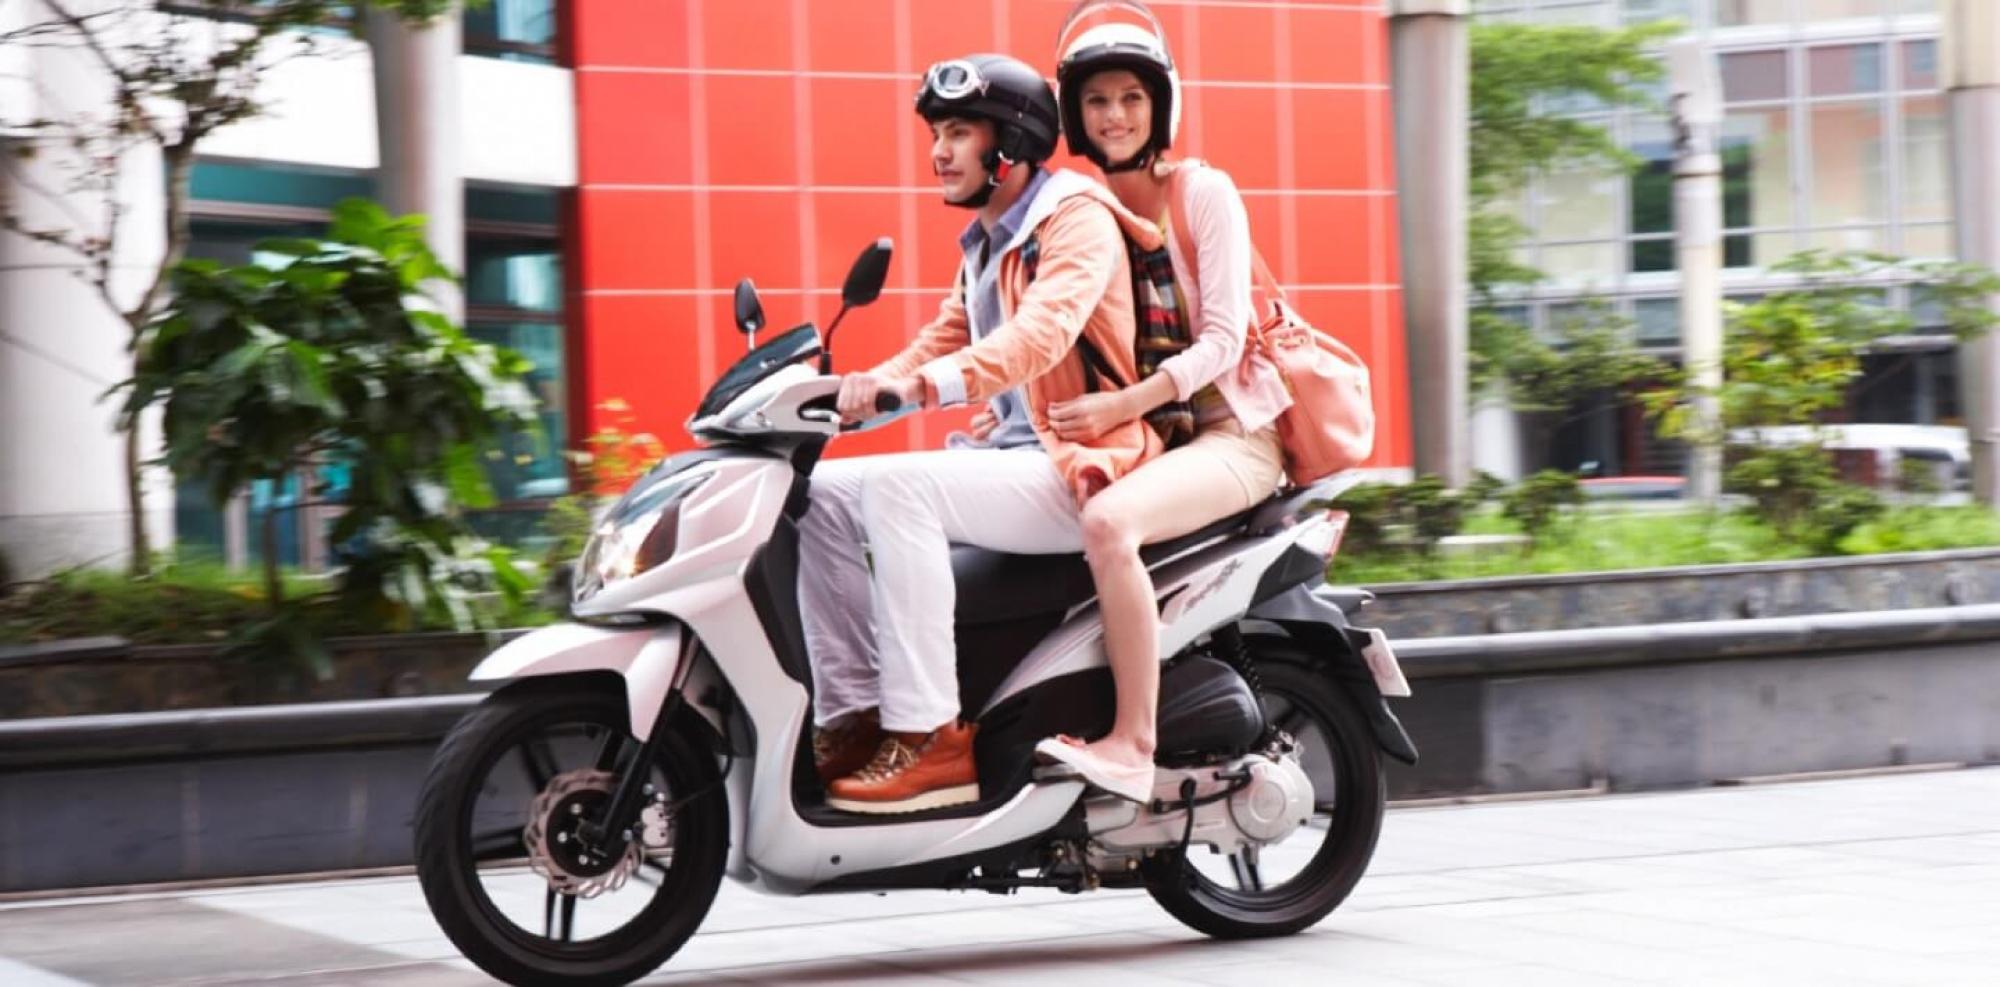 Conduccion con acompañante en moto